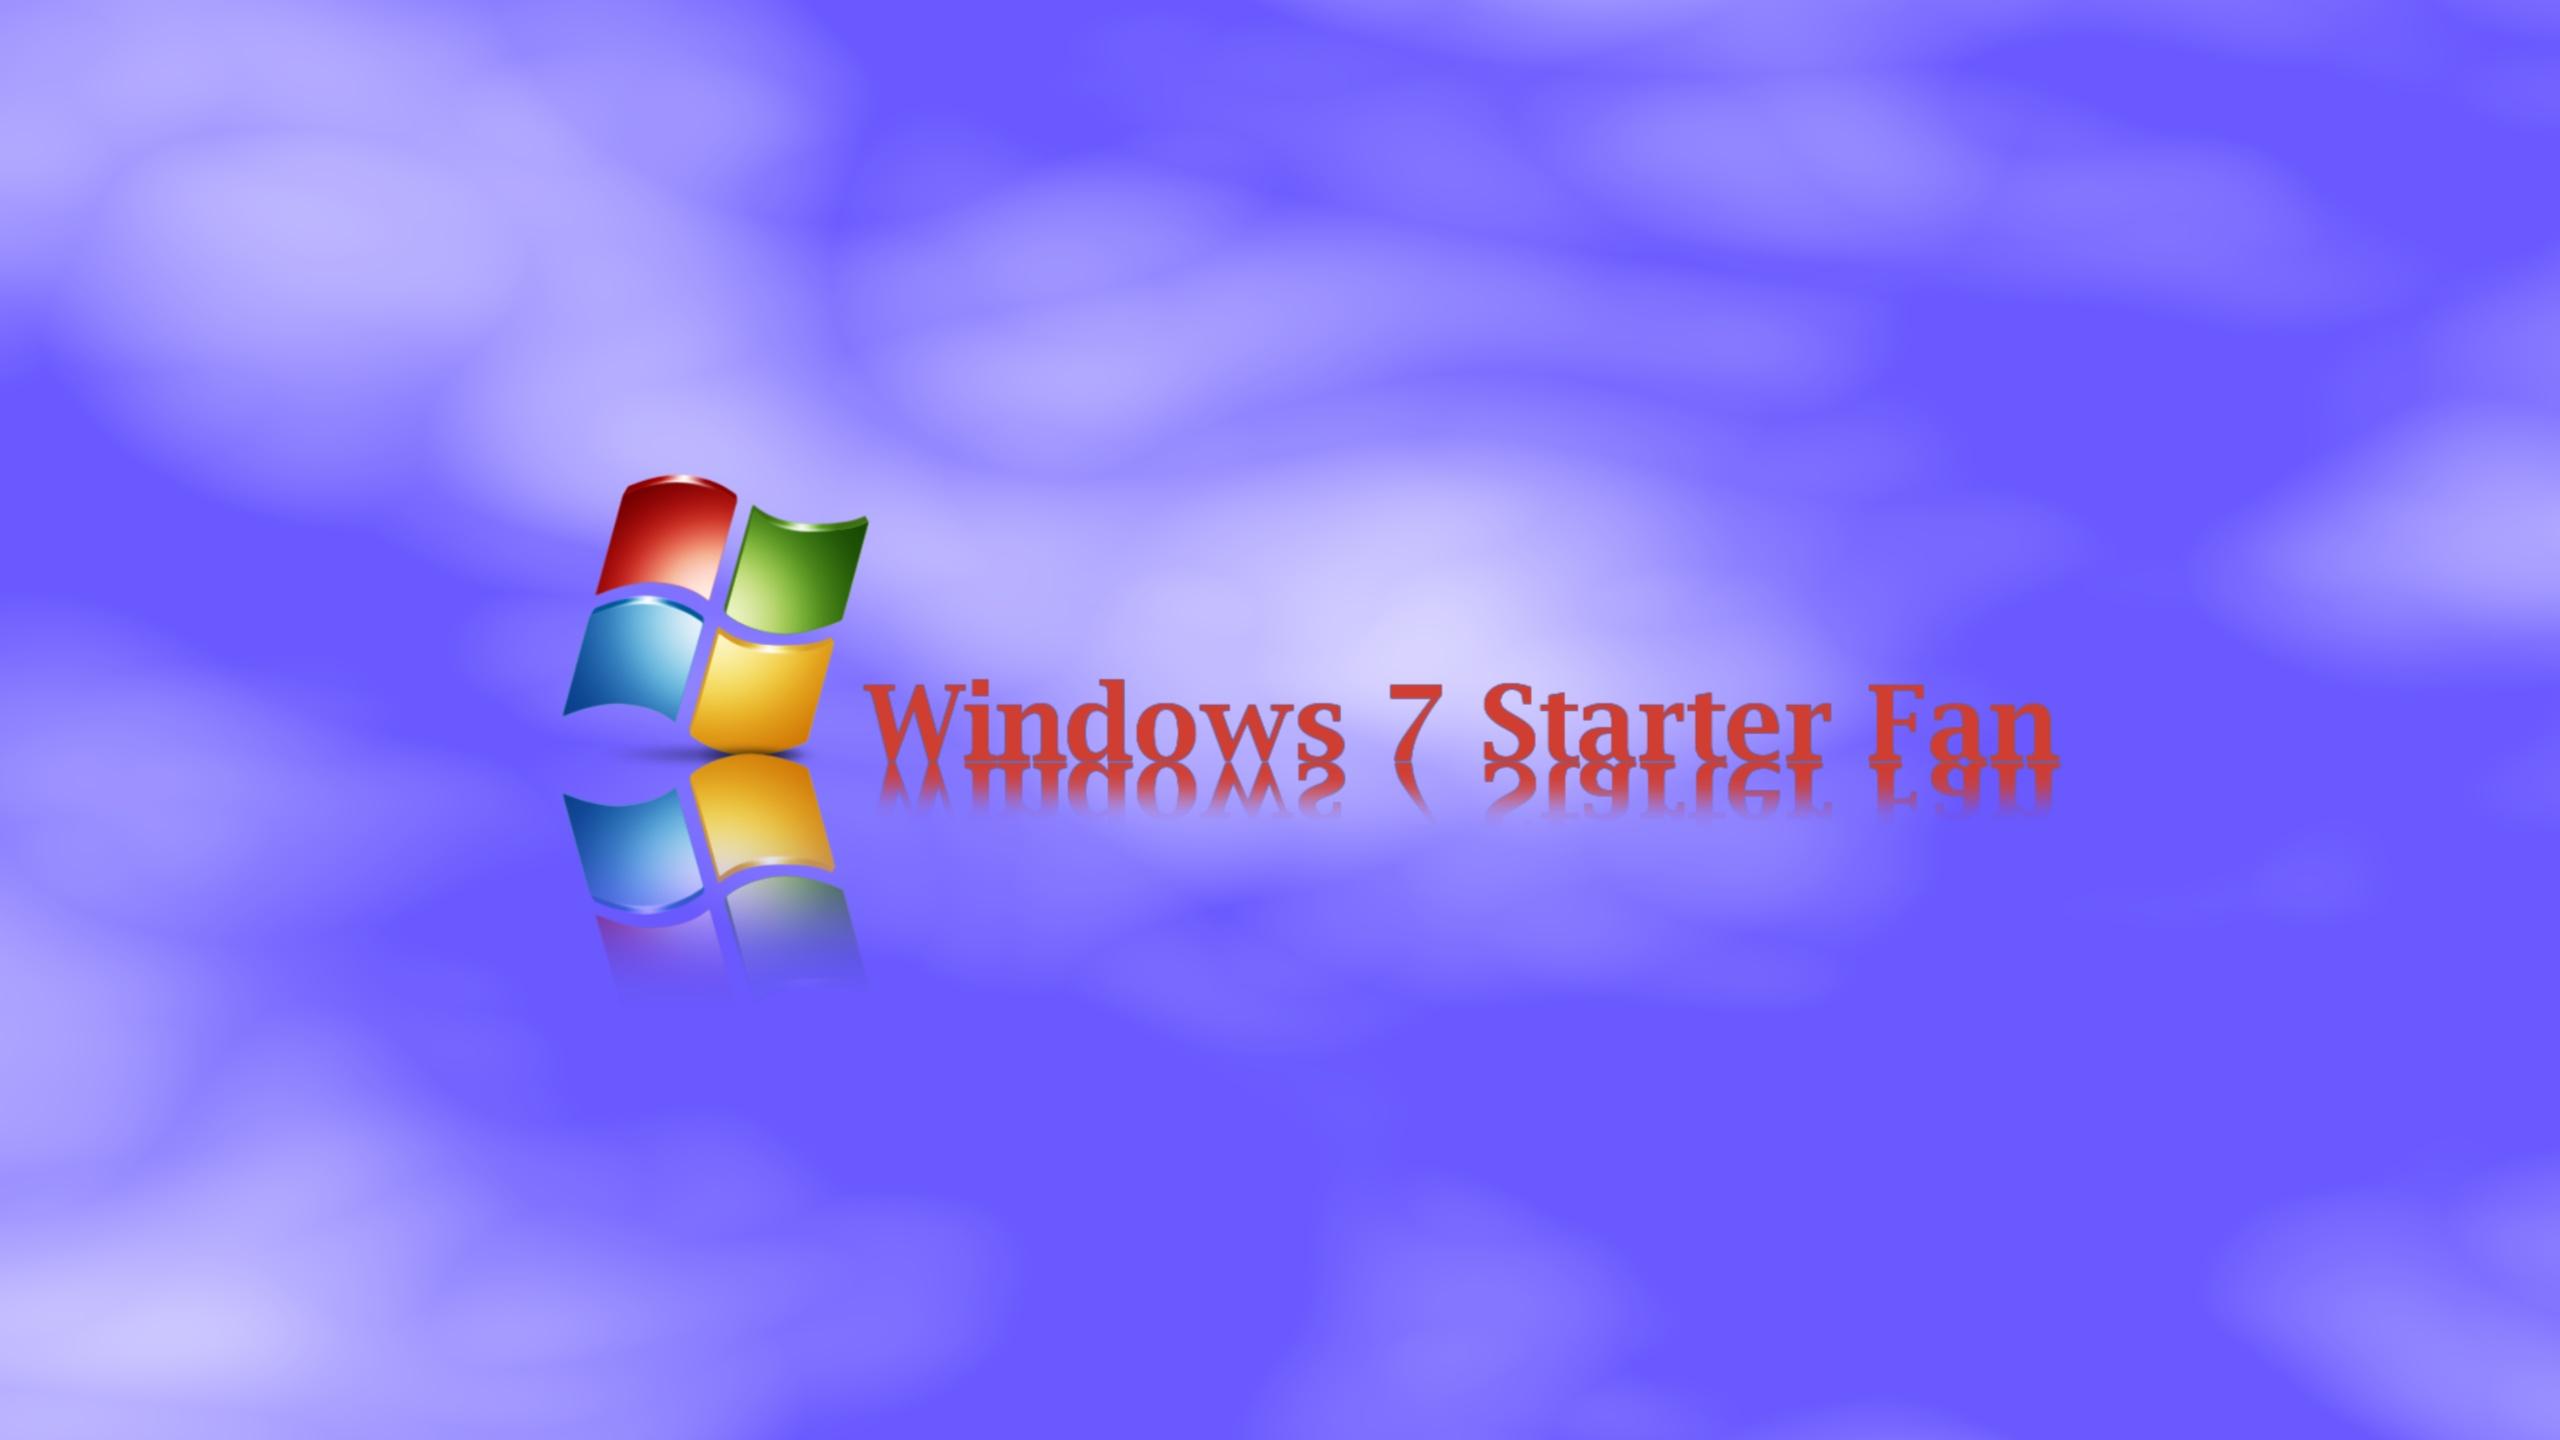 Windows 7 Starter Fan desktop wallpaper by Windows7StarterFan on 2560x1440